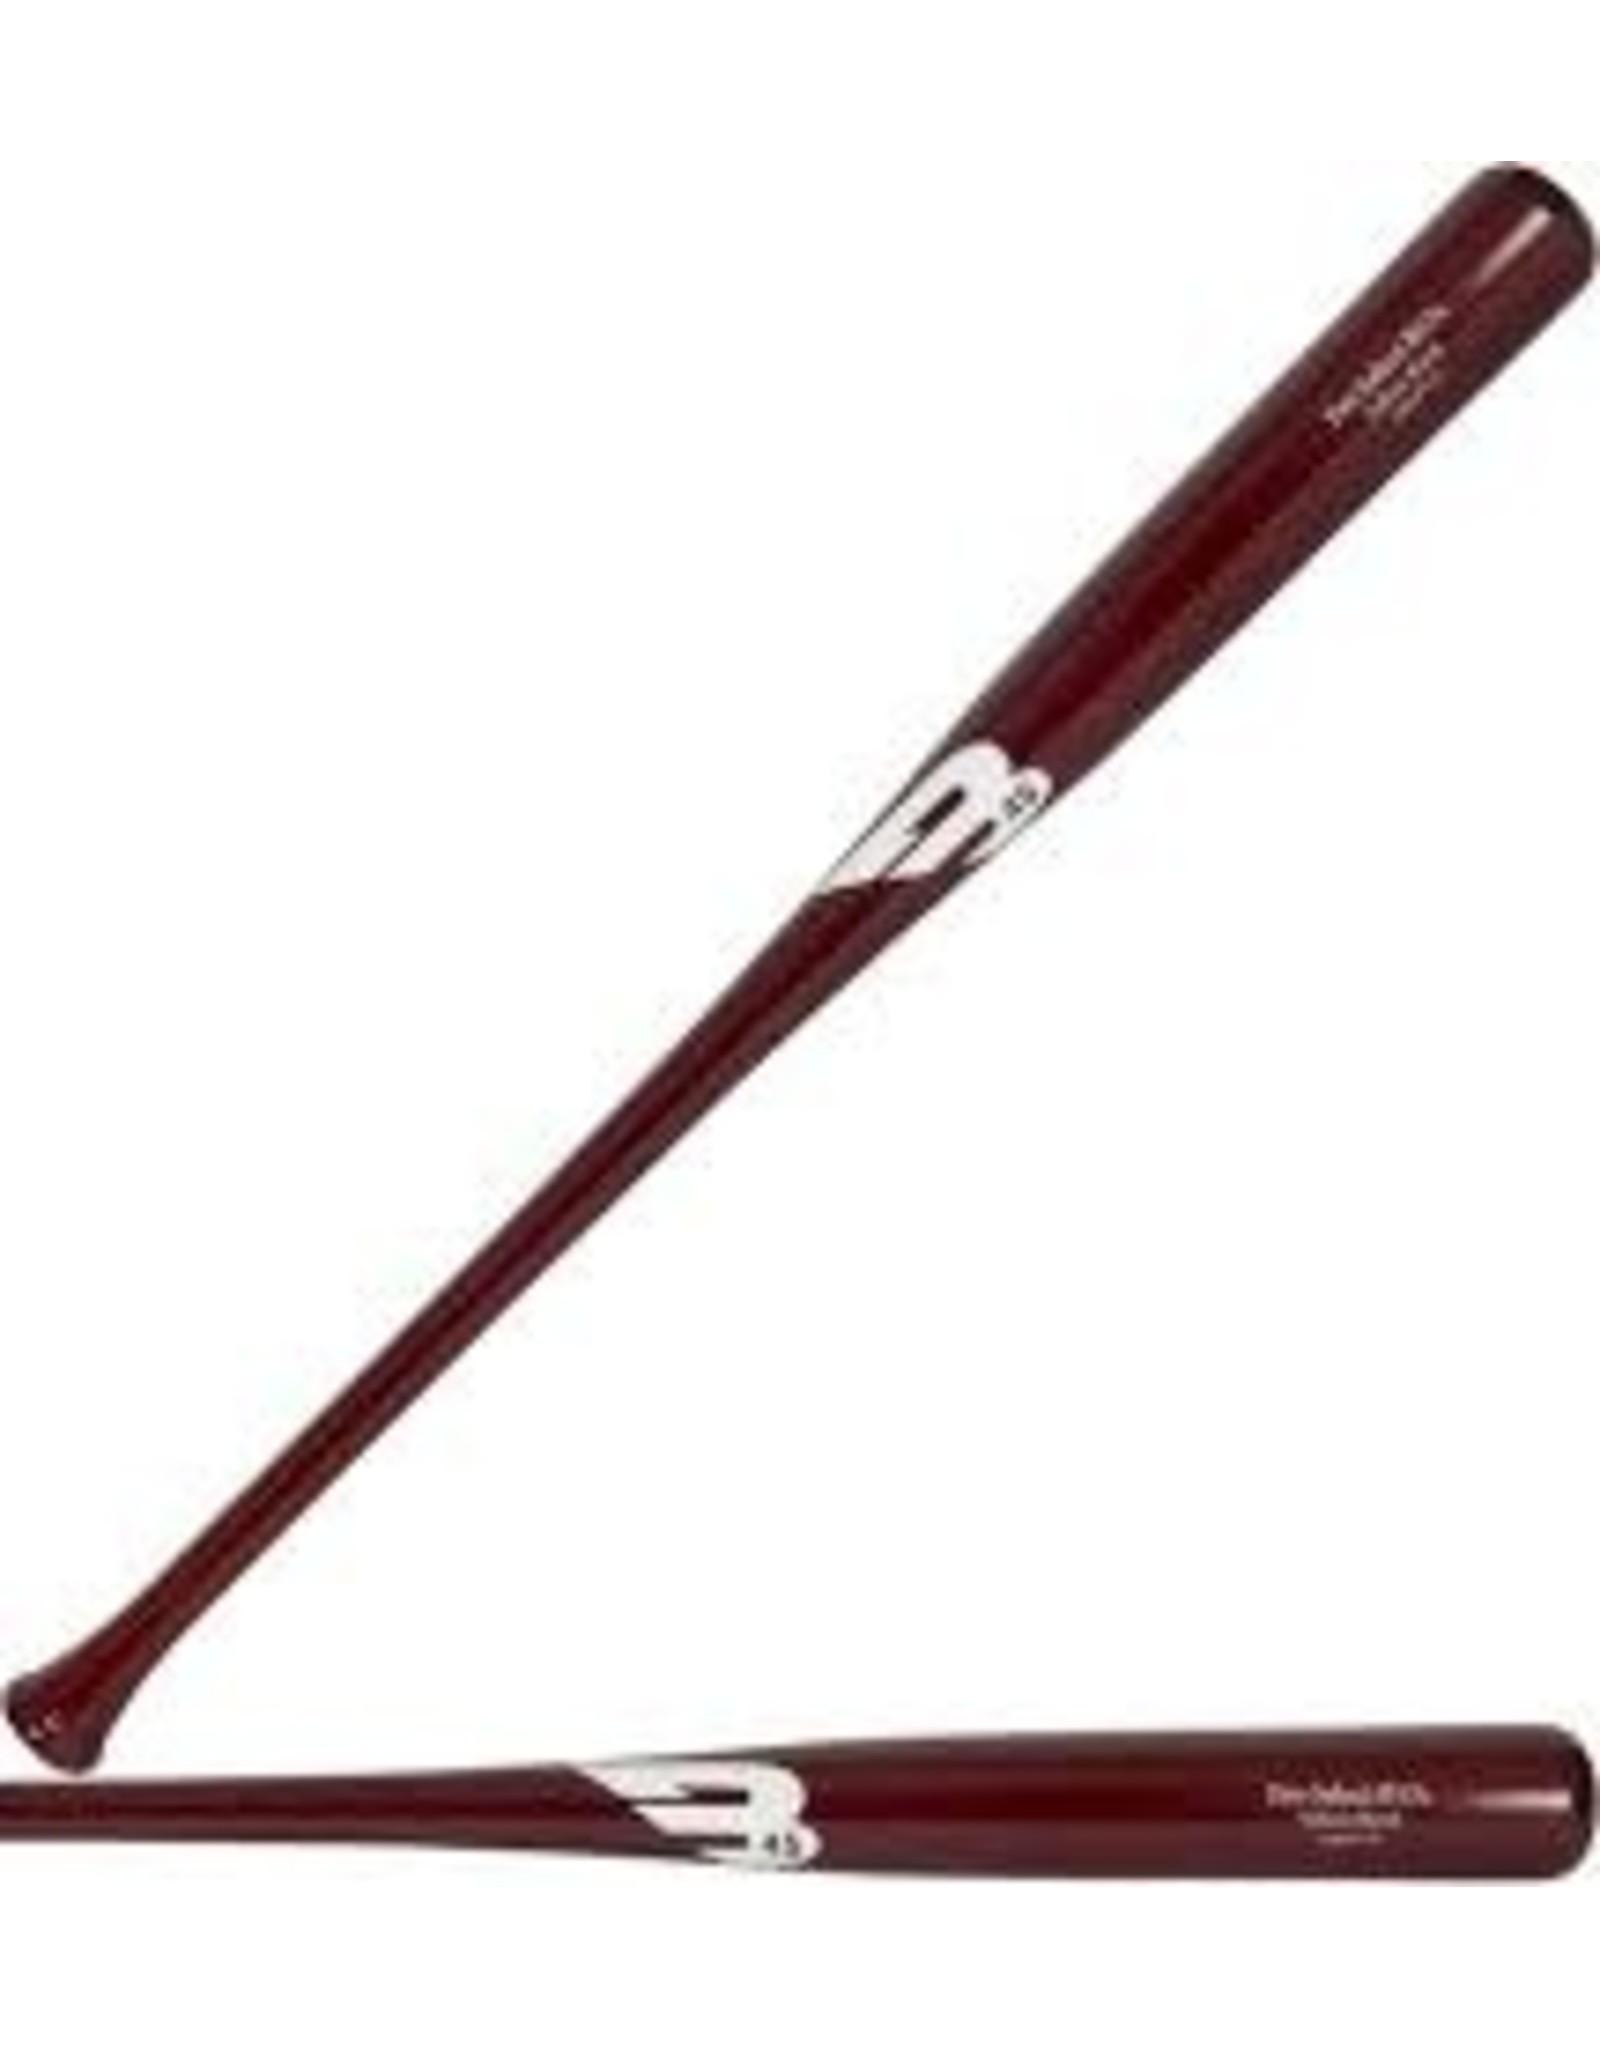 B45 B45 - Baton Pro-Select Cherry Adulte - Modele B141 (32-29)